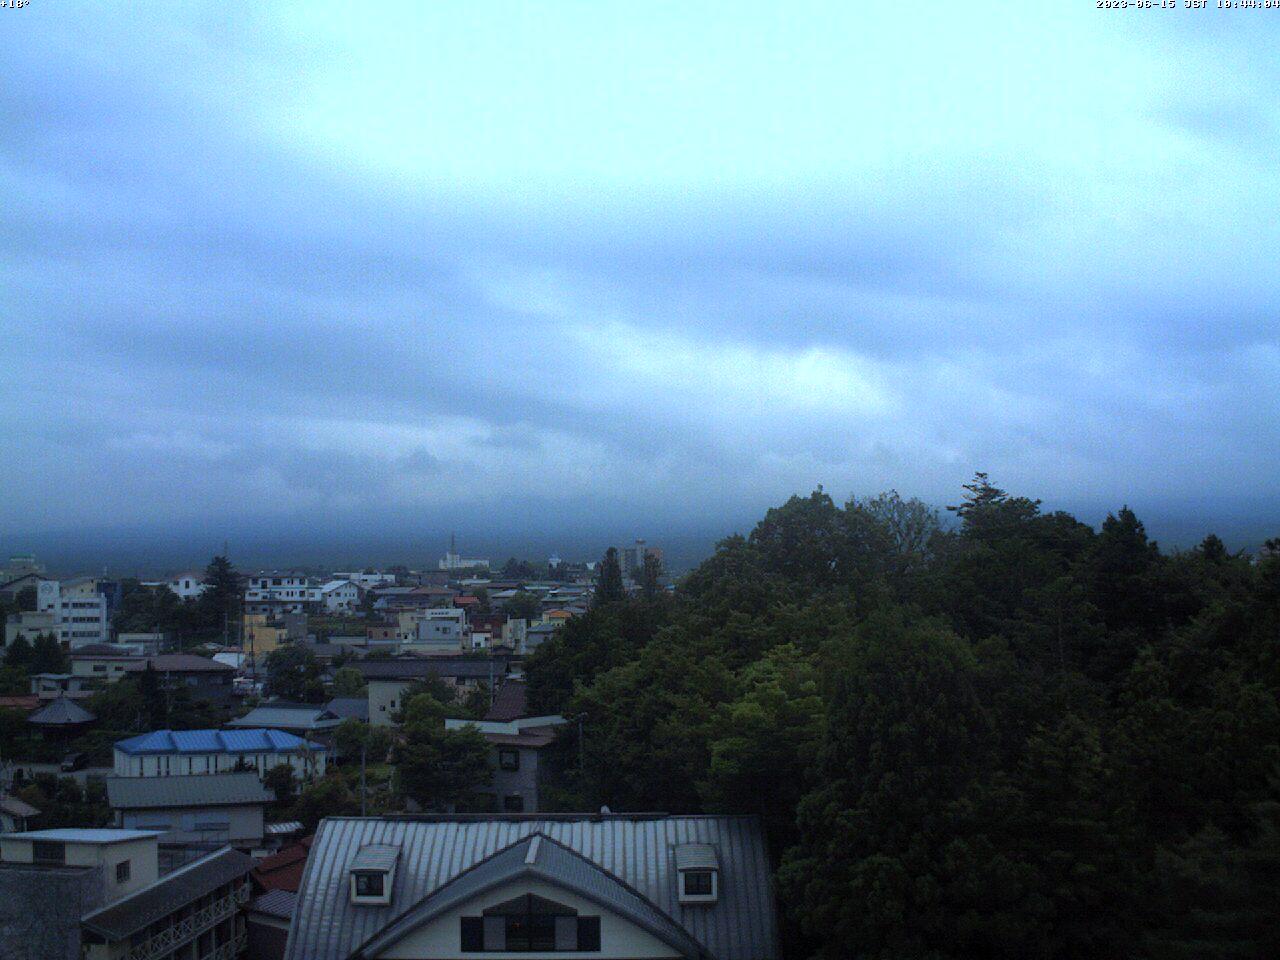 富士山ライブカメラ(河口湖船津カメラ)